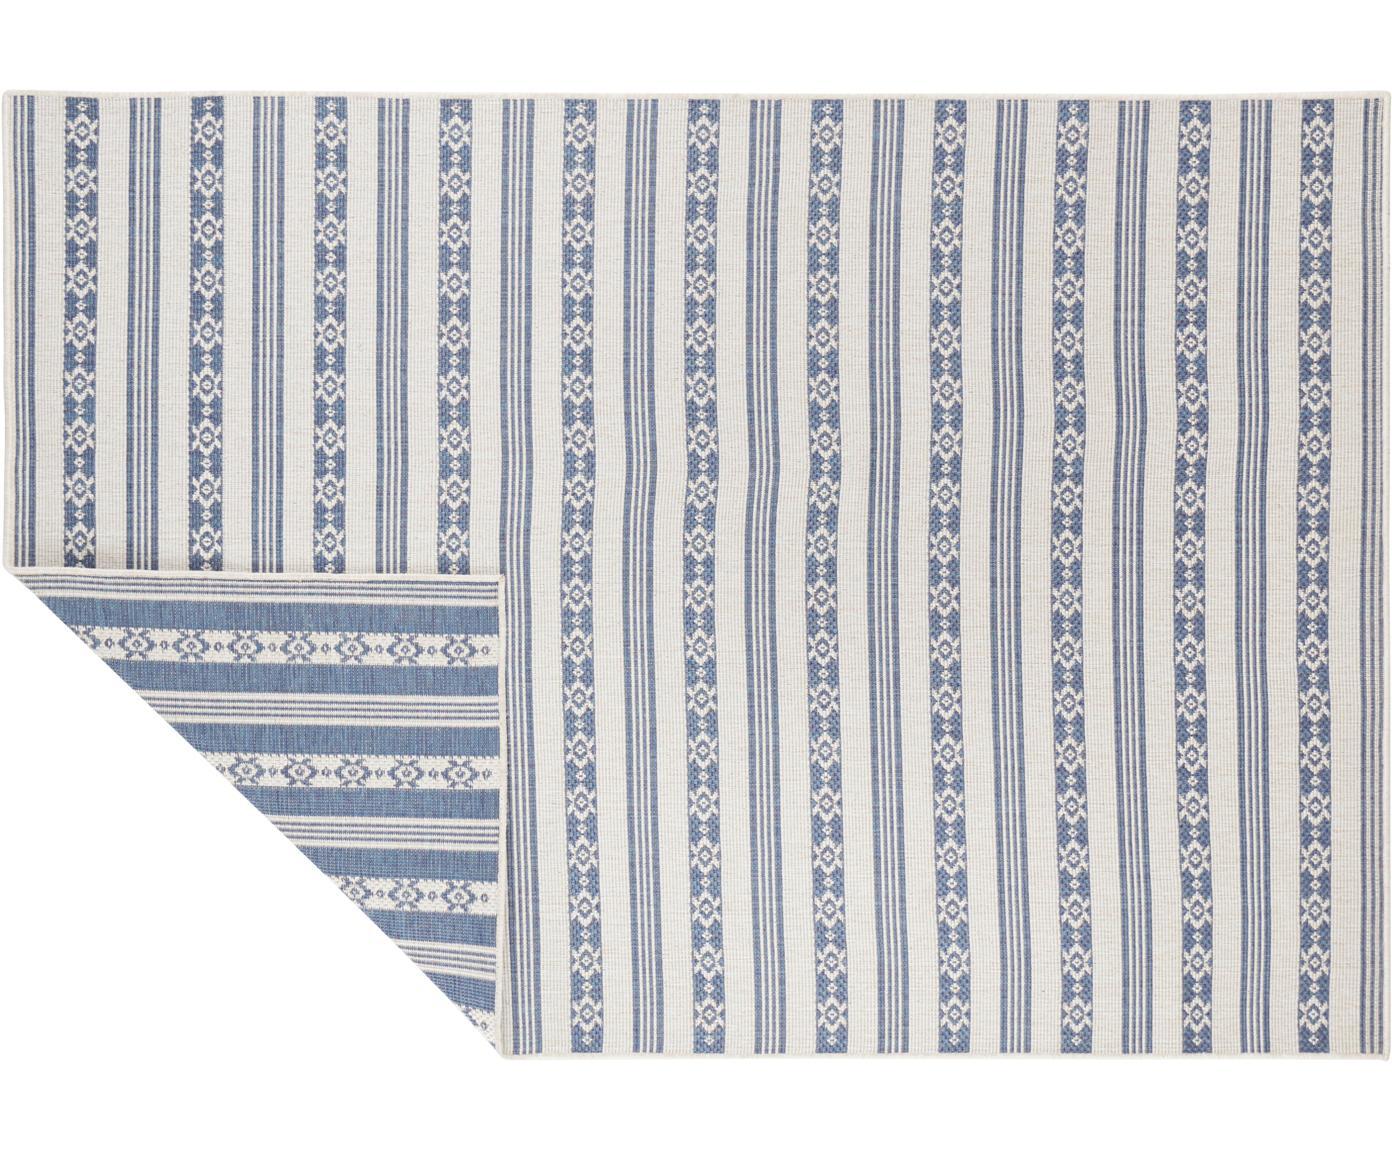 Dubbelzijdig in- & outdoor vloerkleed Fiji, Polypropyleen, Blauw, crèmekleurig, B 120 x L 170 cm (maat S)